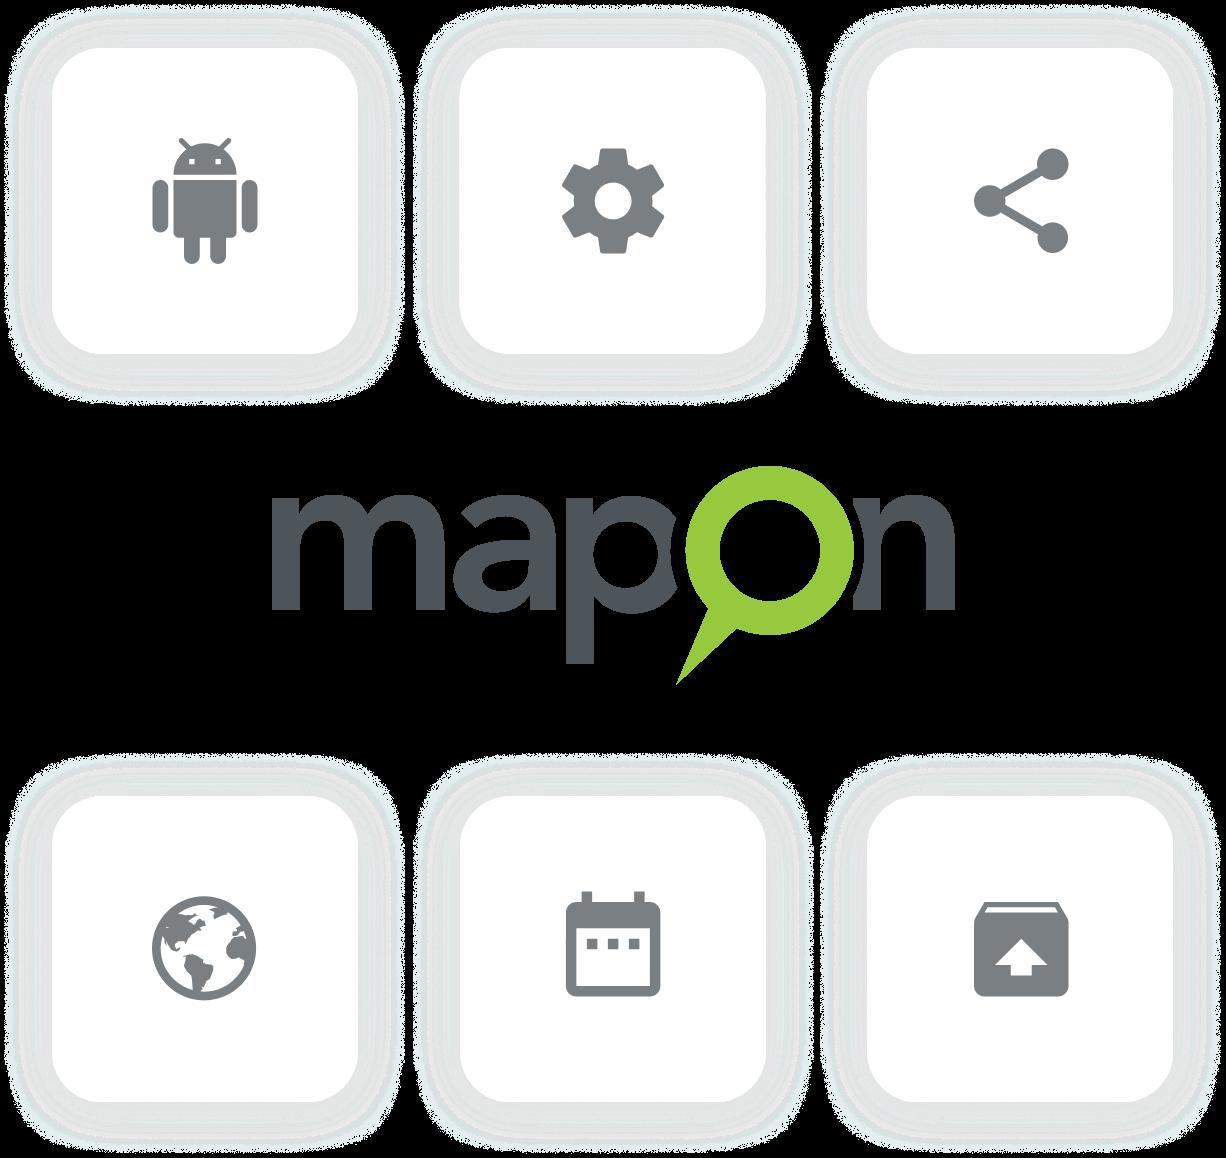 Gebruik de oplossing in uw systeem of app